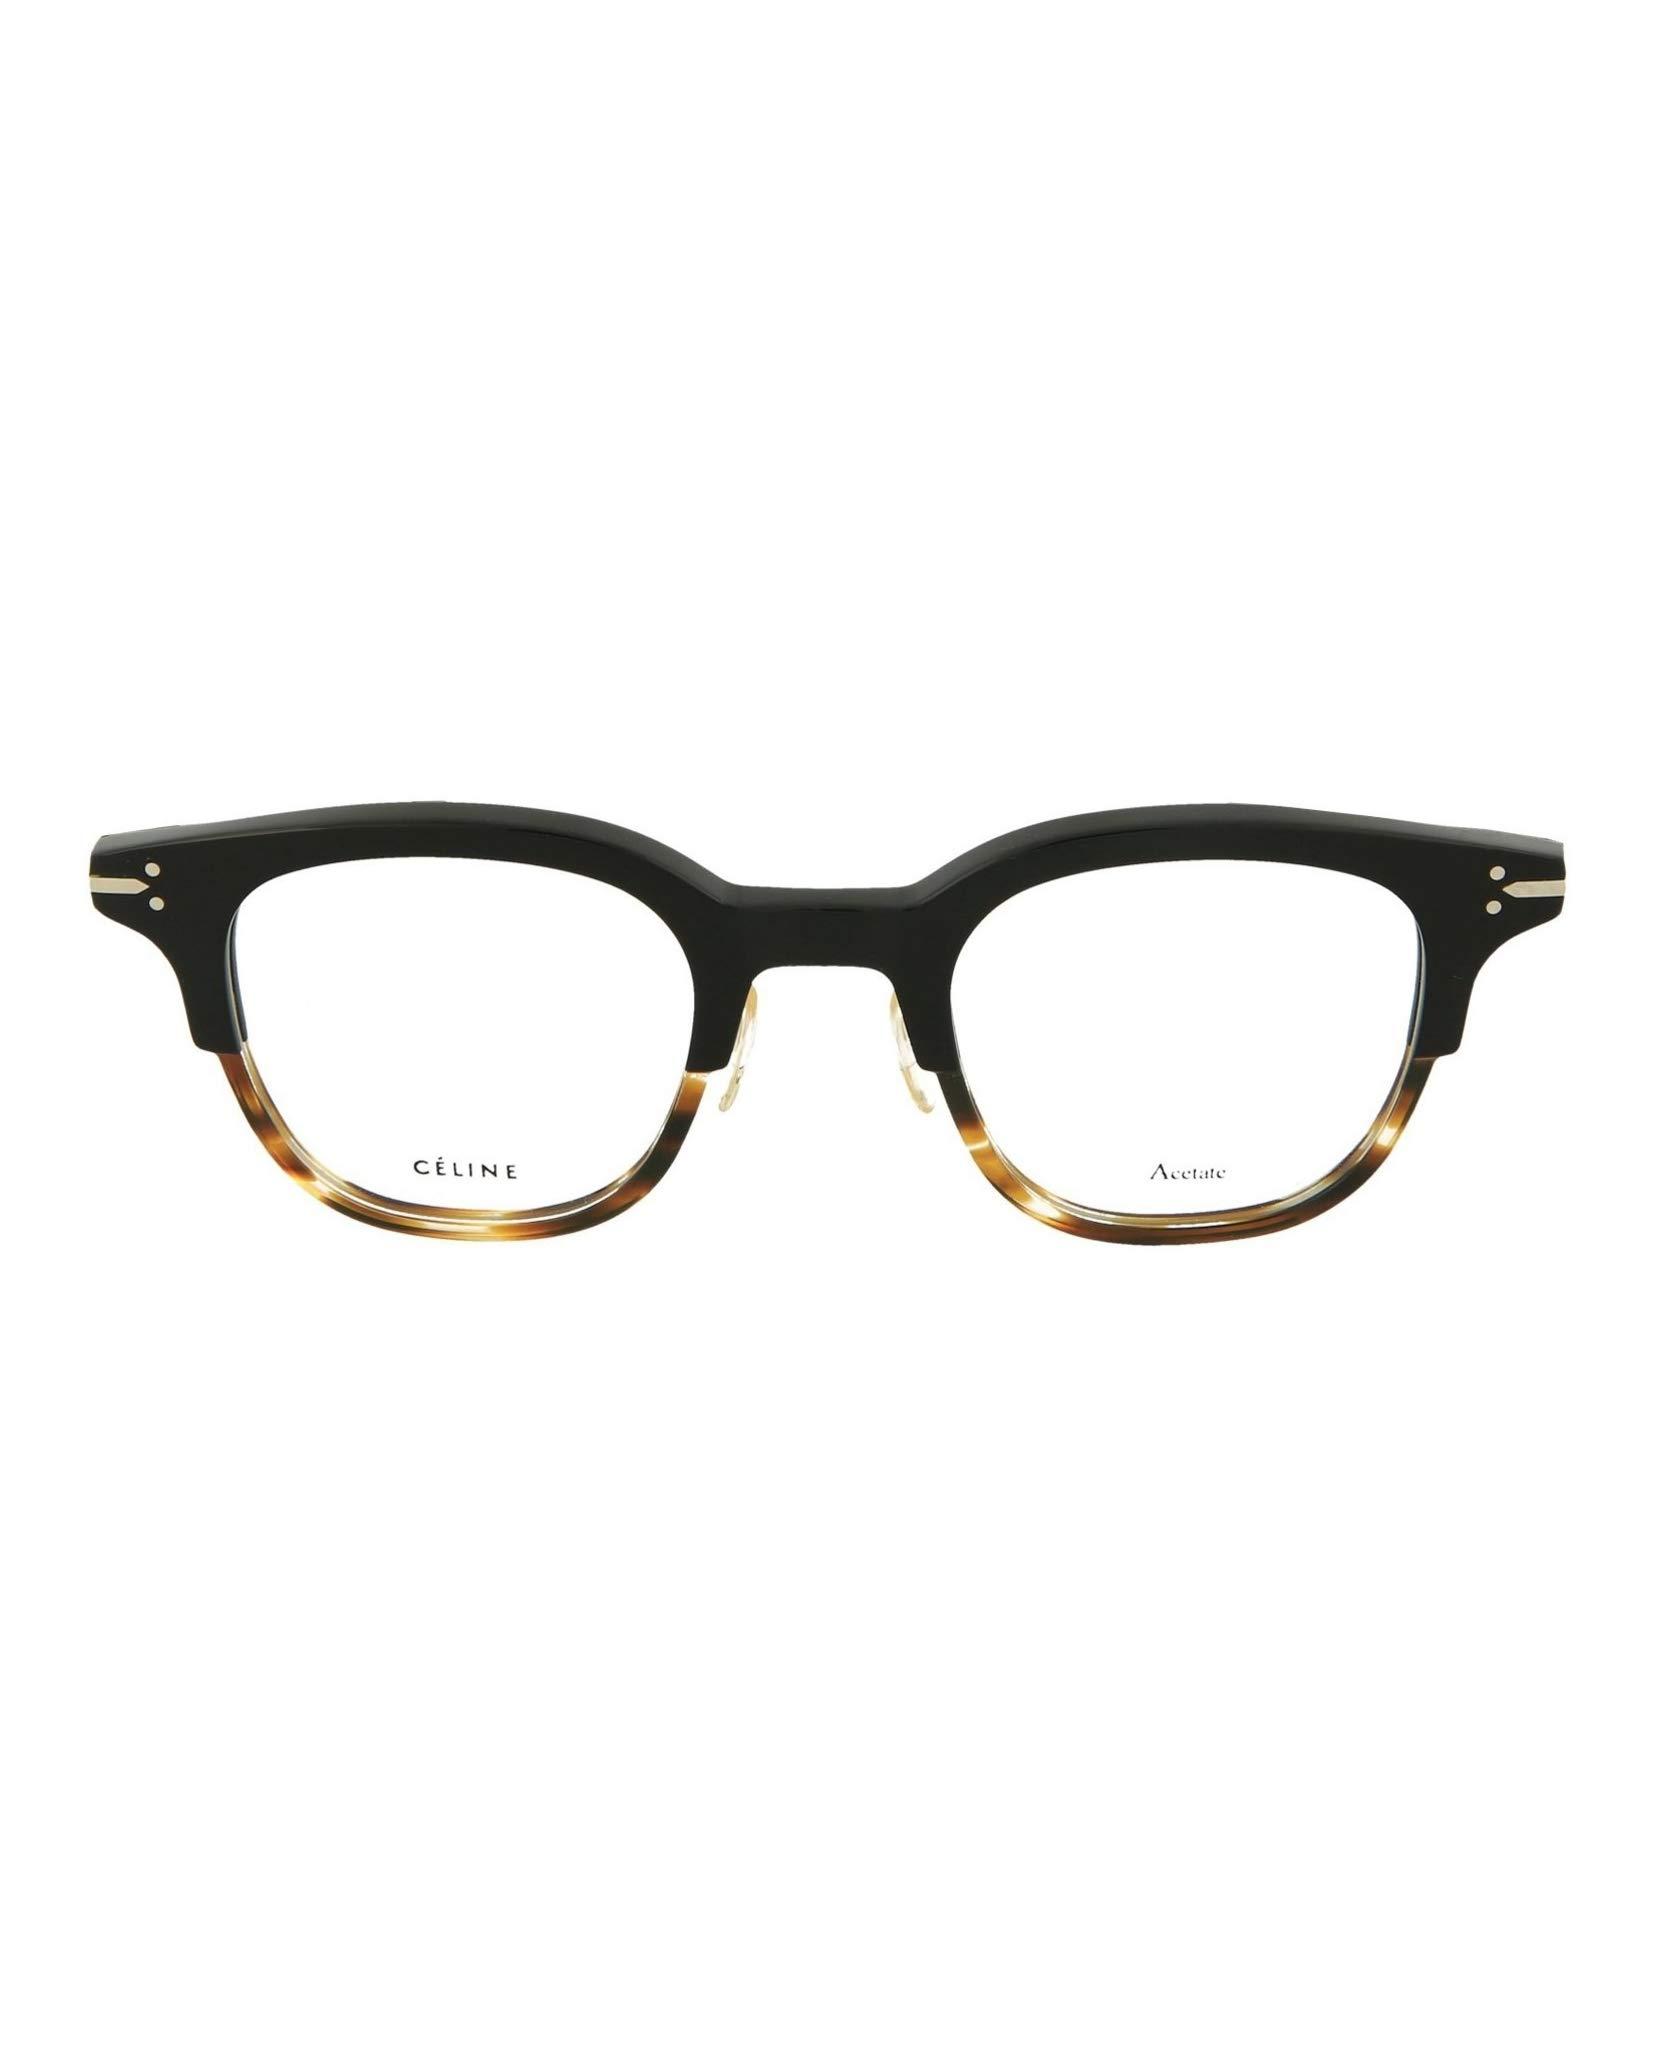 84ab970efa0 Celine Plastic Round Eyeglasses 46 0T6P Black Havana